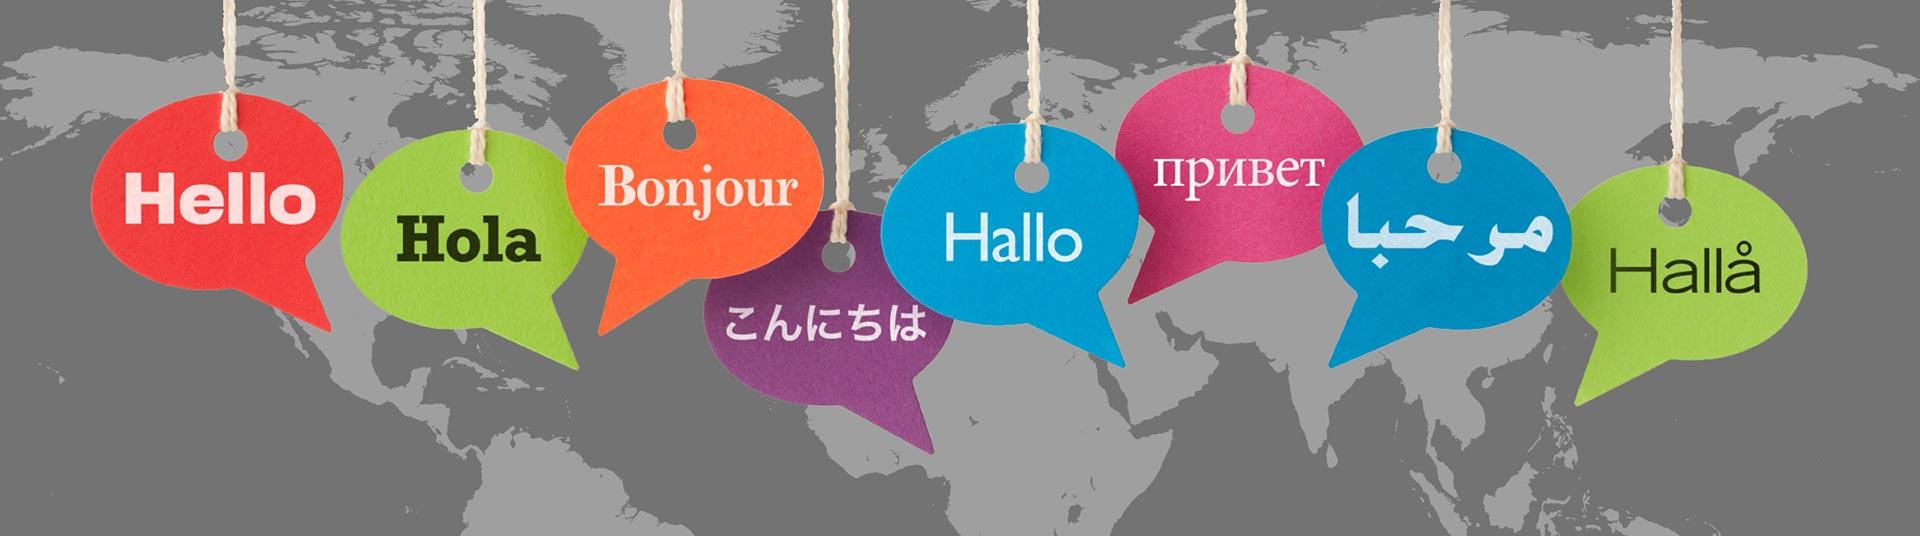 آموزشگاه تدریس خصوصی زبان های خارجه